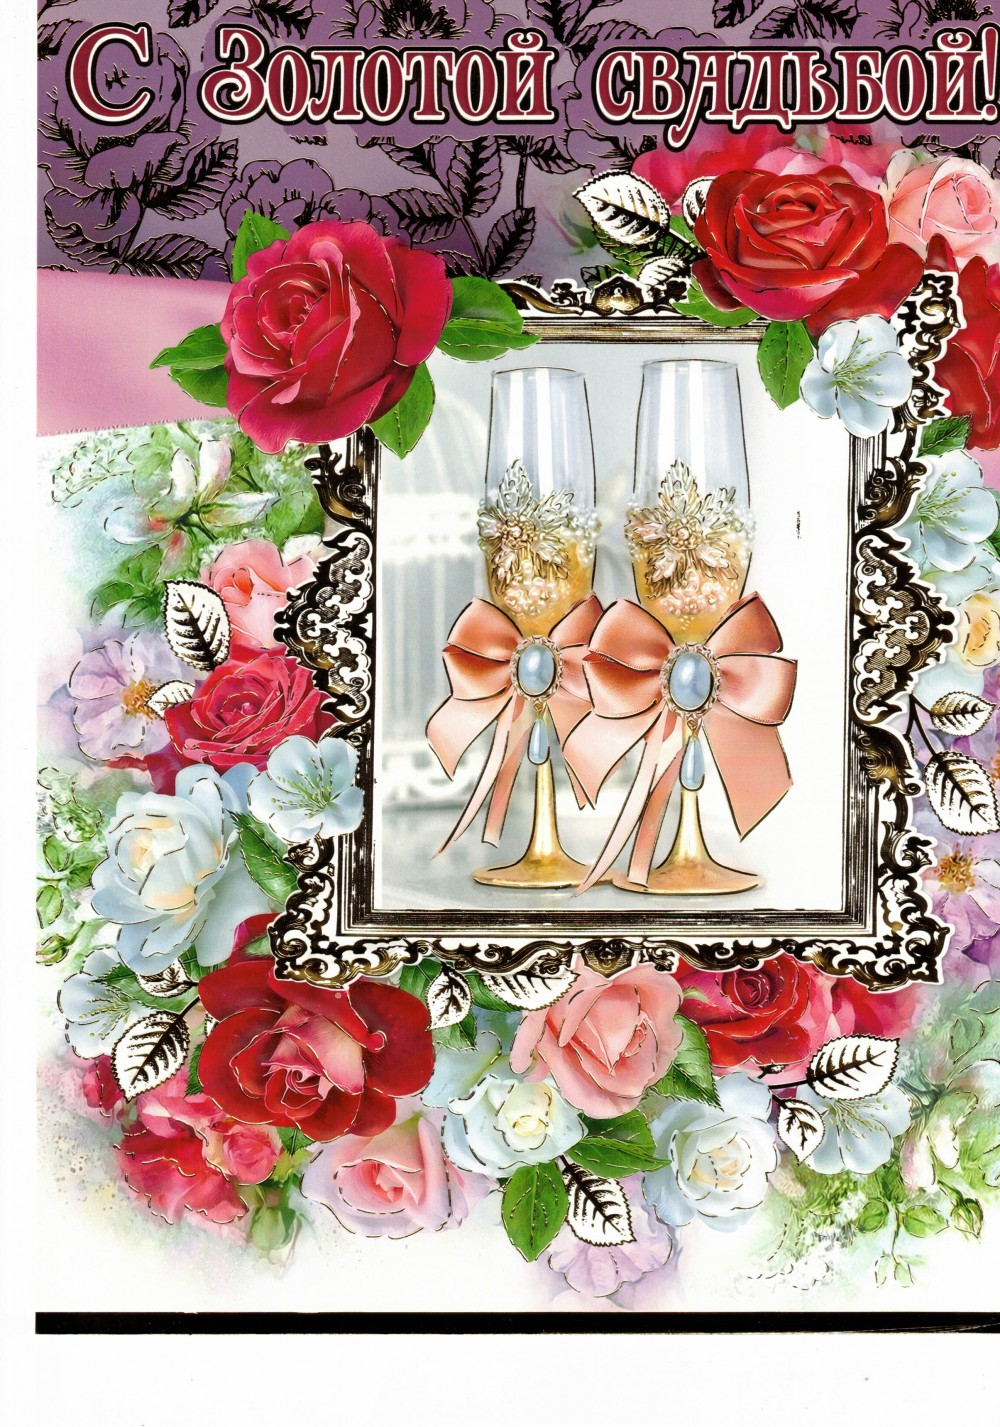 Лучший работник, открытка с поздравлением золотой свадьбы